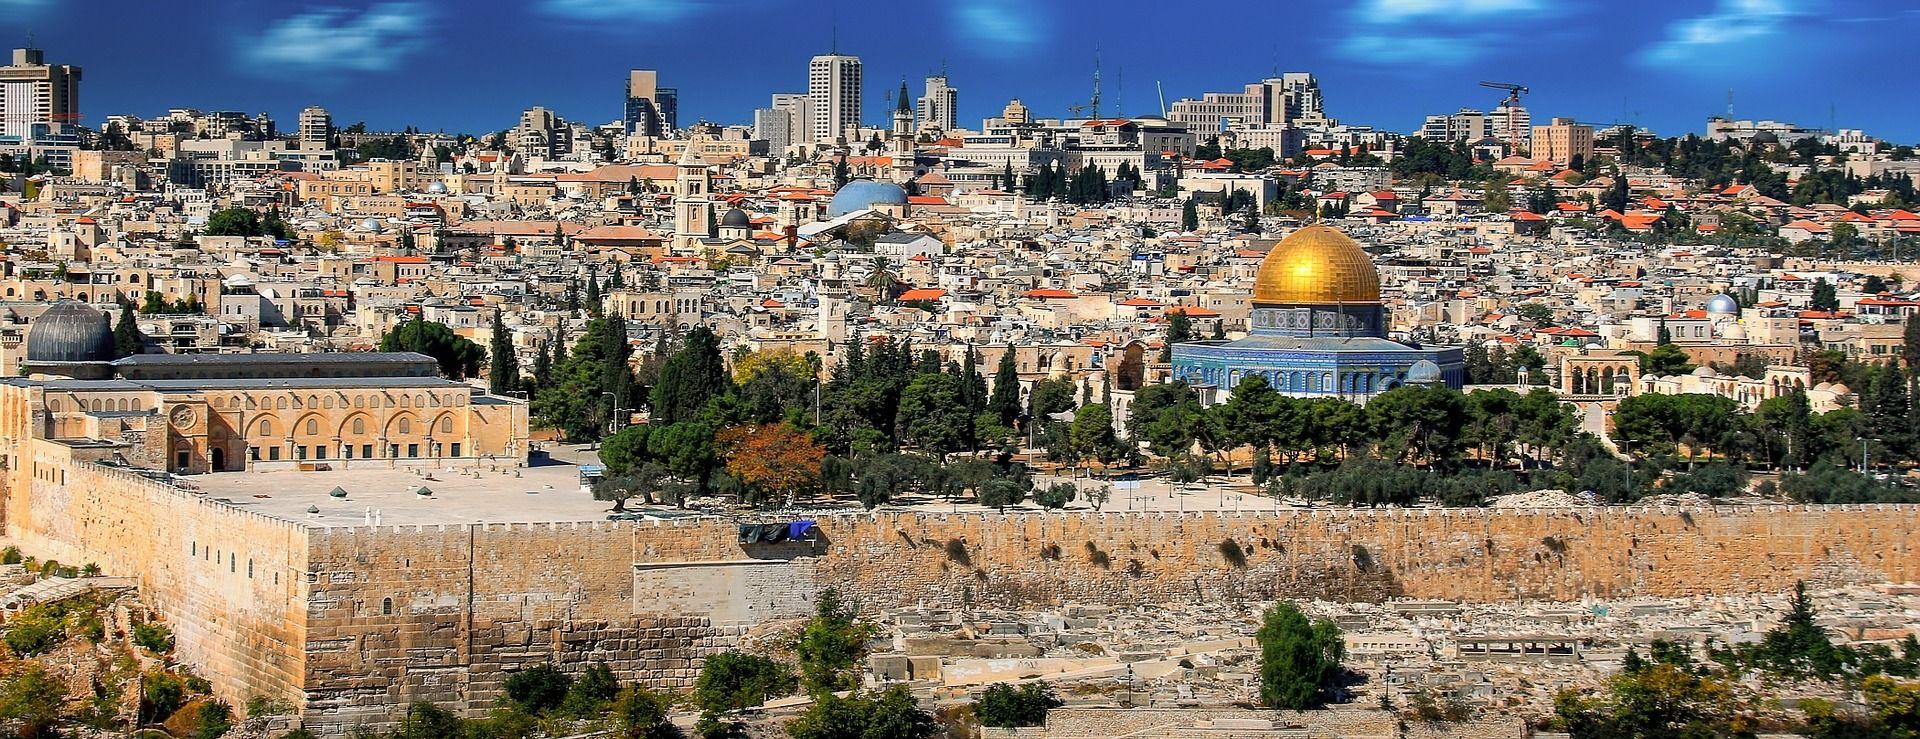 Trump odgodio objavu odluke o Jeruzalemu